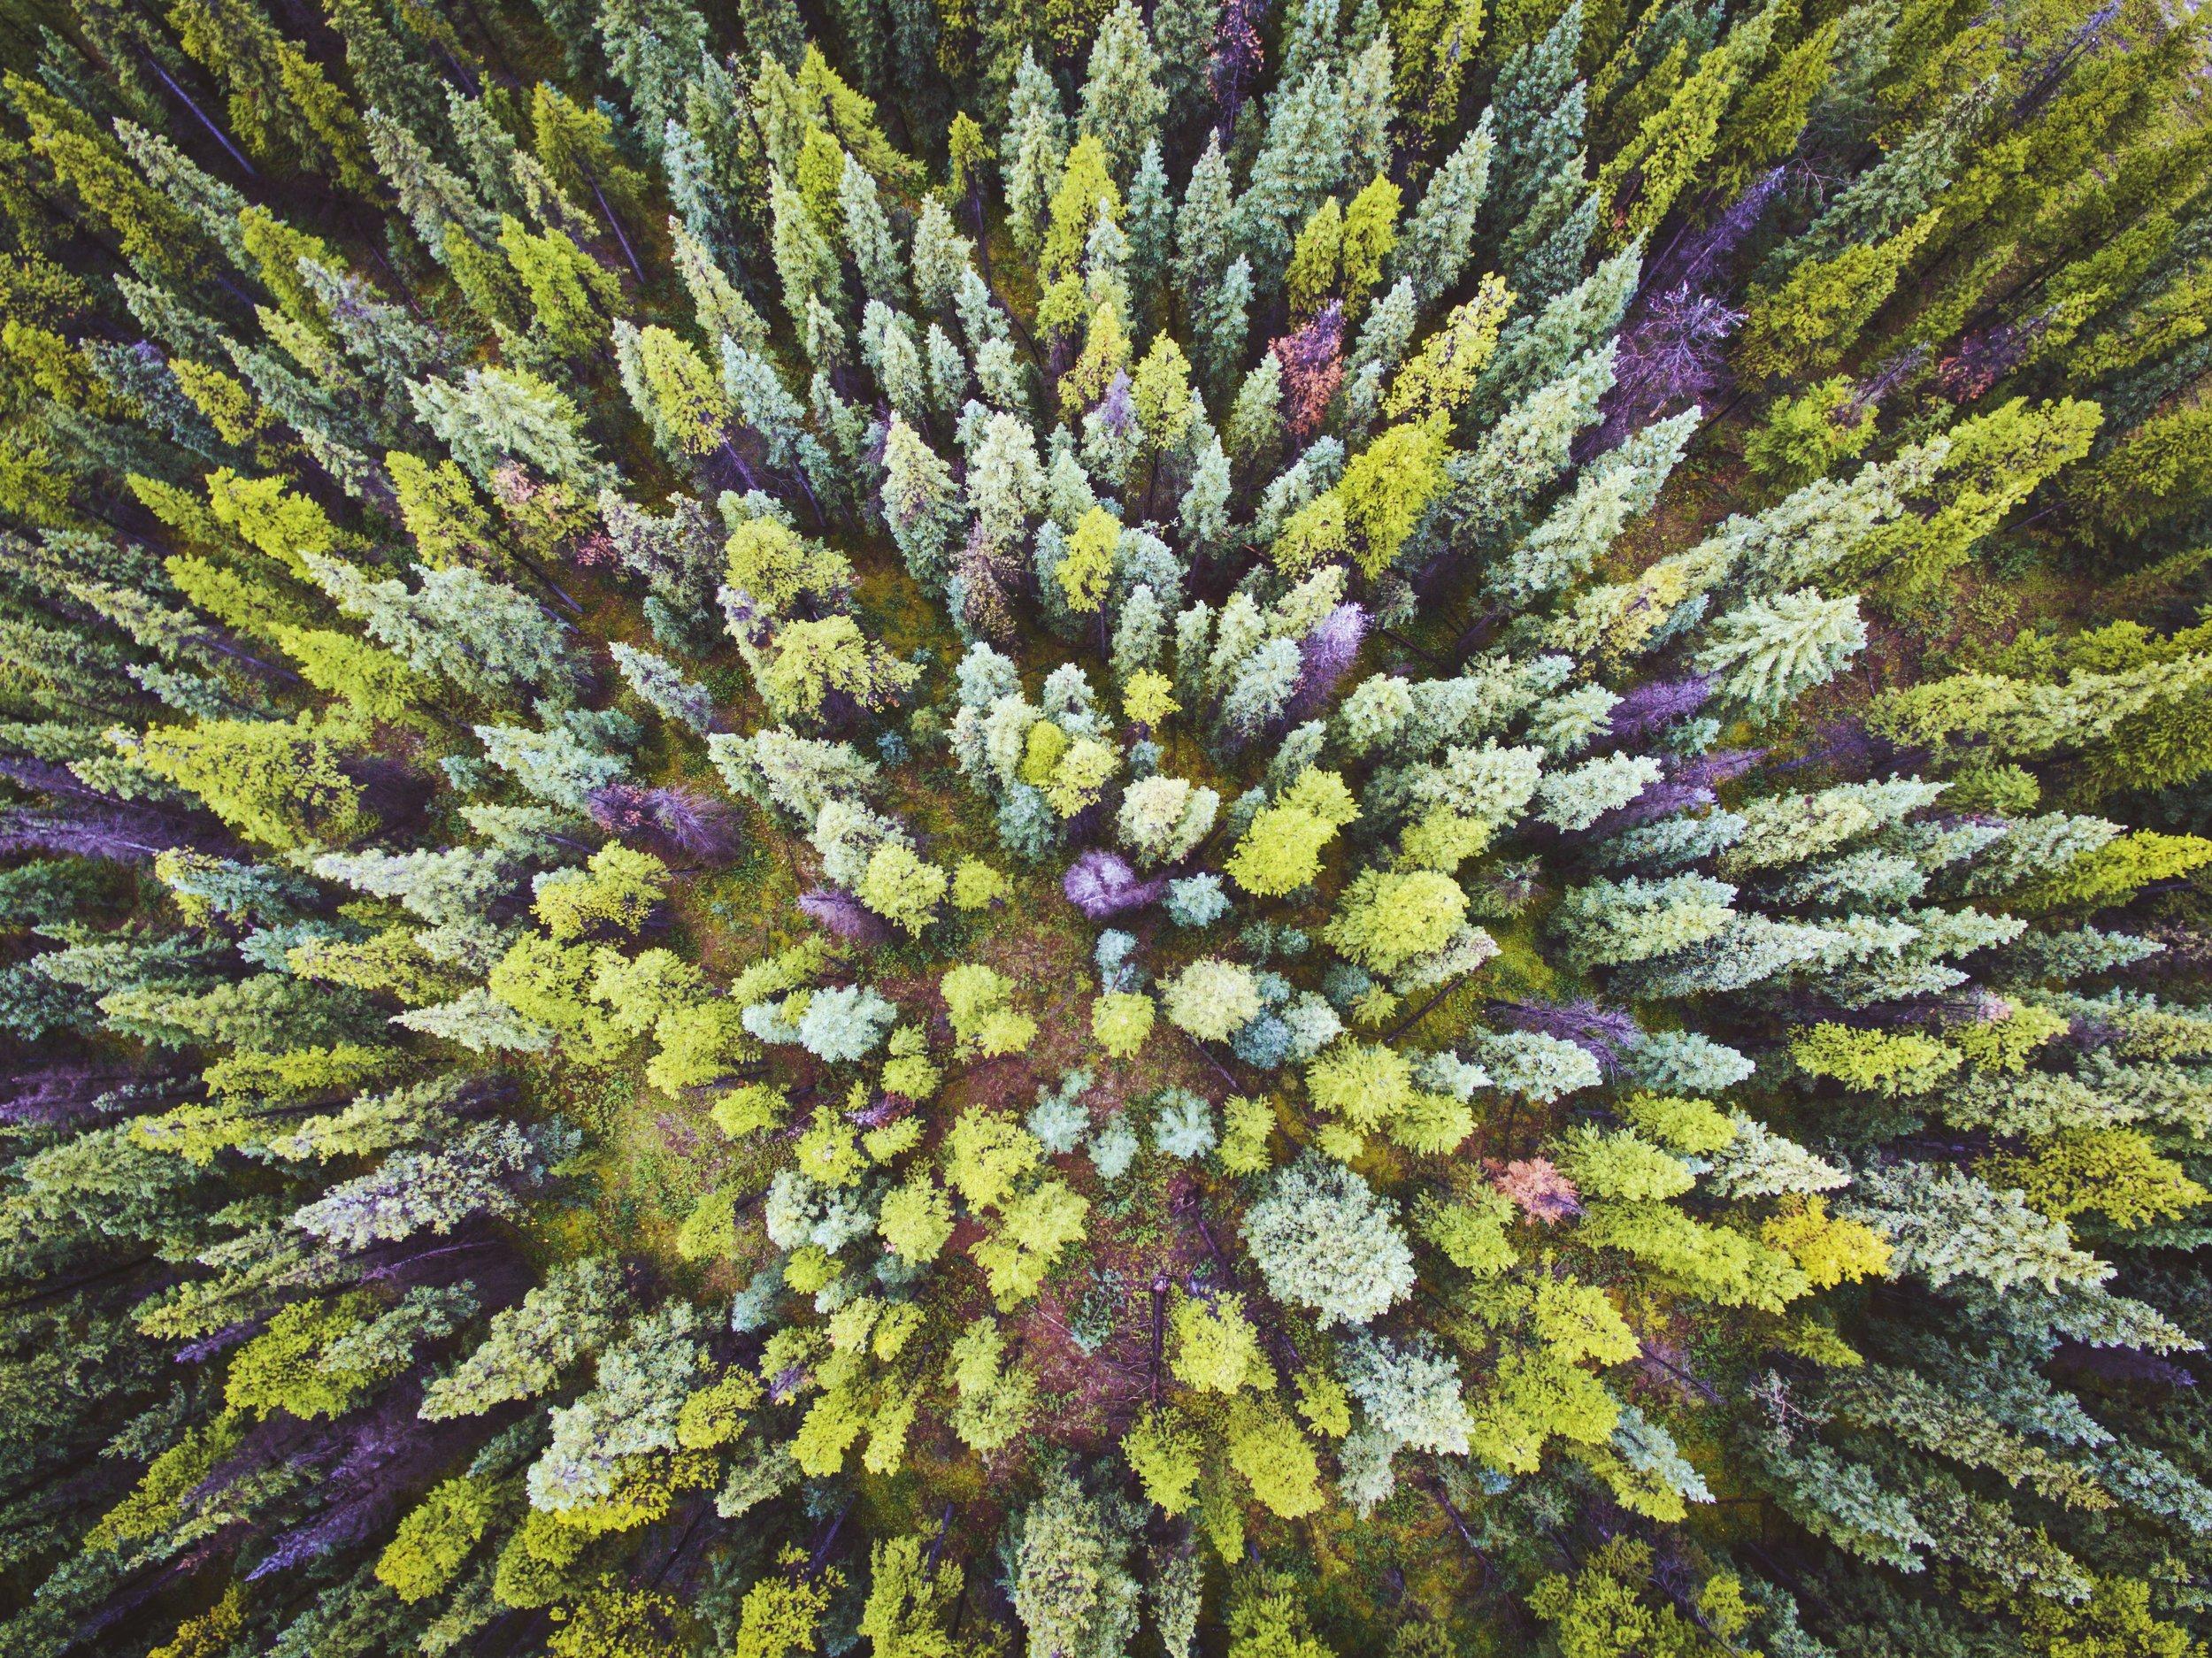 Pine Forest in Nordegg, Alberta